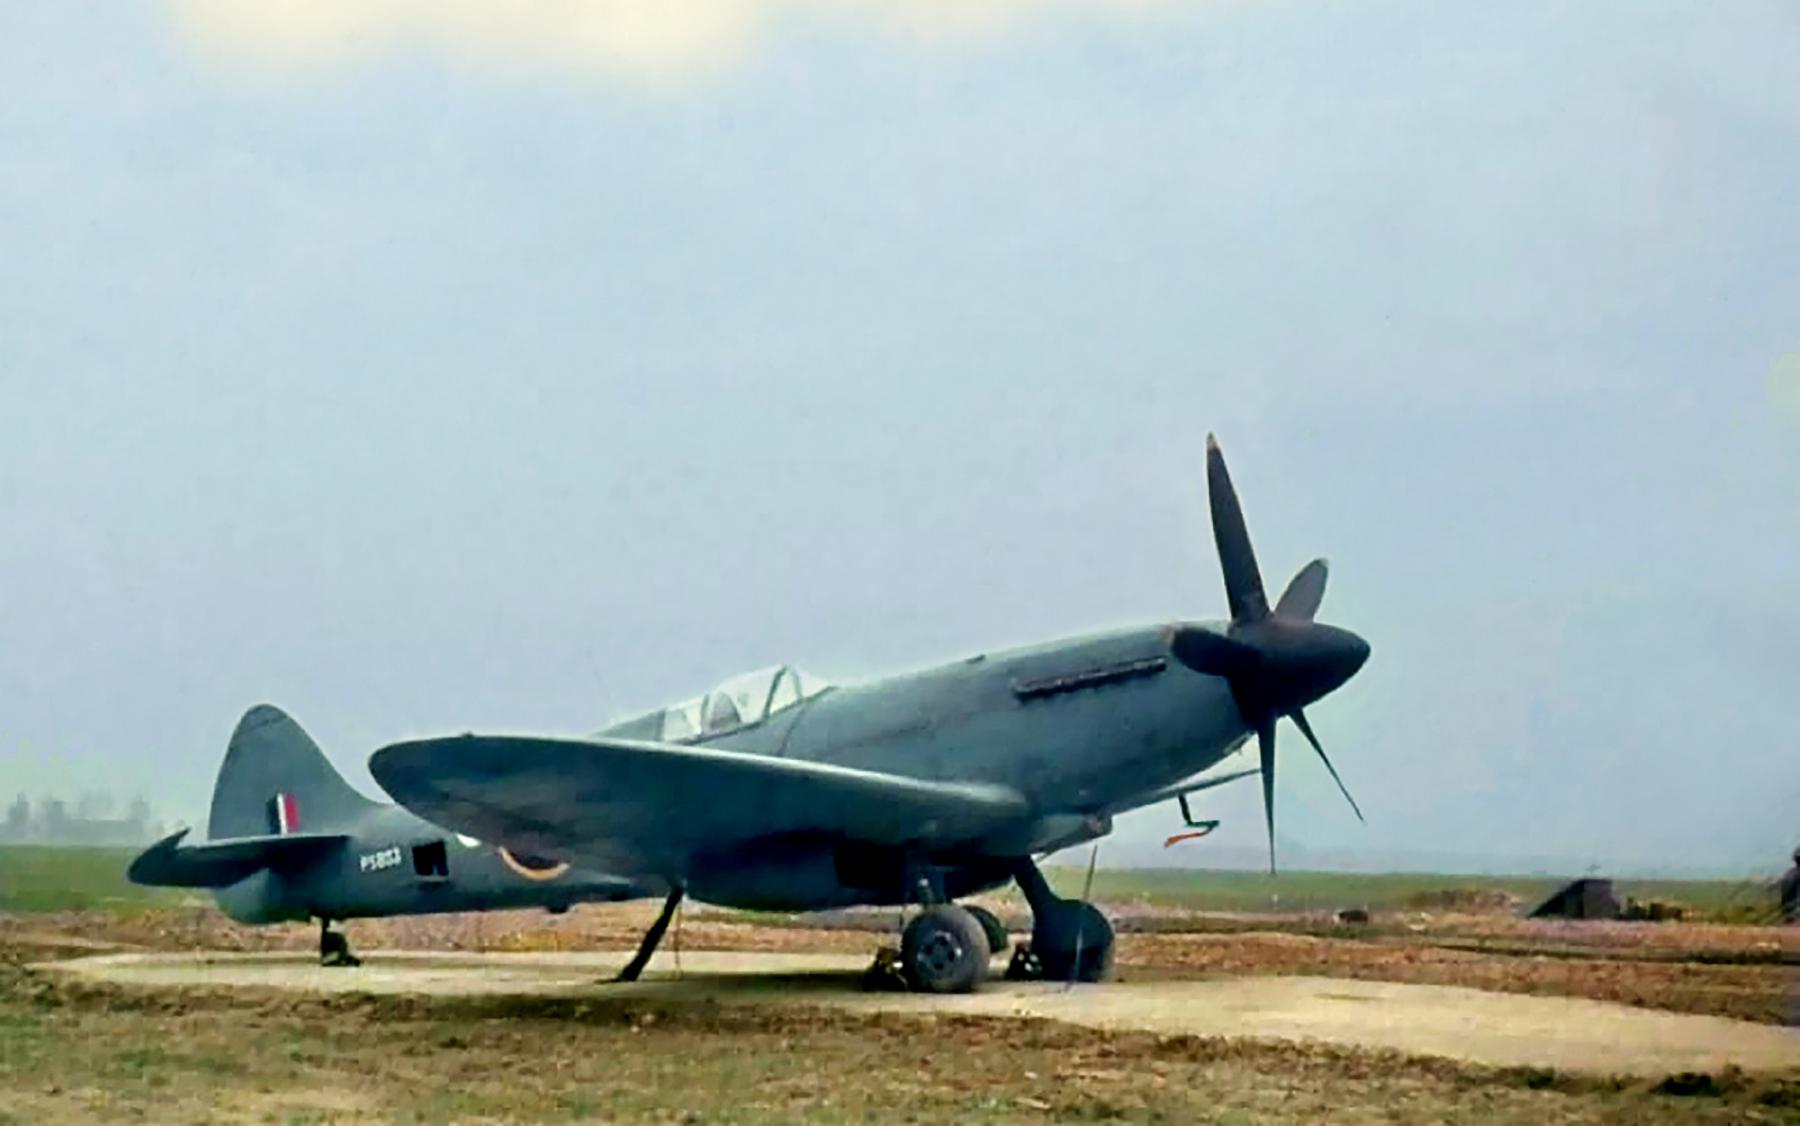 Spitfire PRXIX RAF Benson V PS831 Dec 1944 01